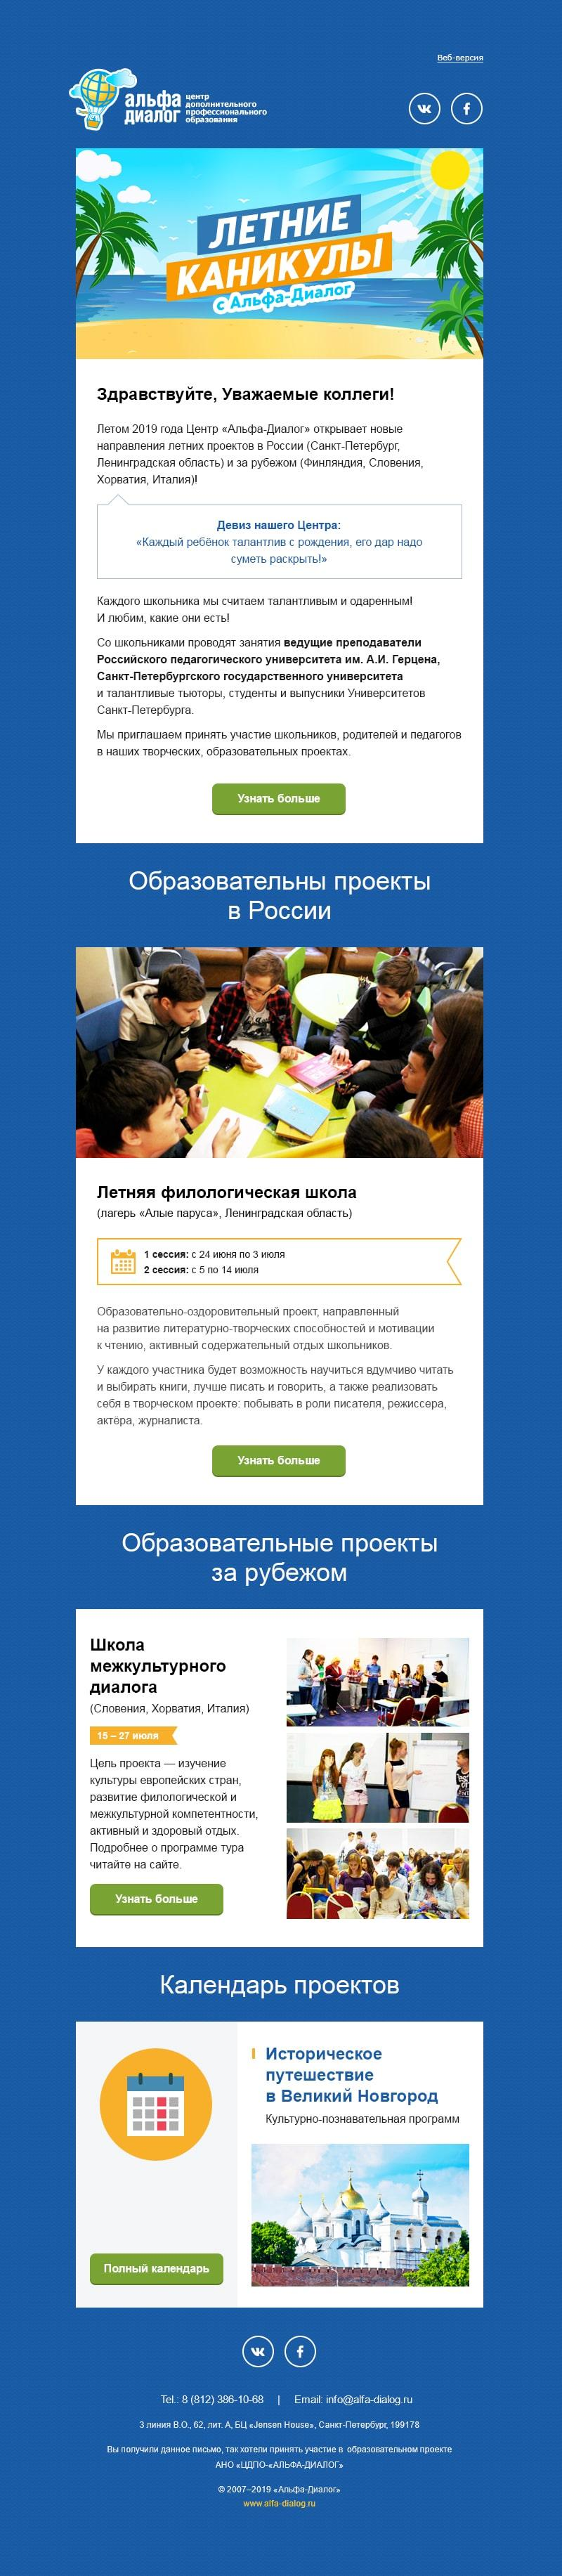 Образовательные проекты для школьников в разных городах России